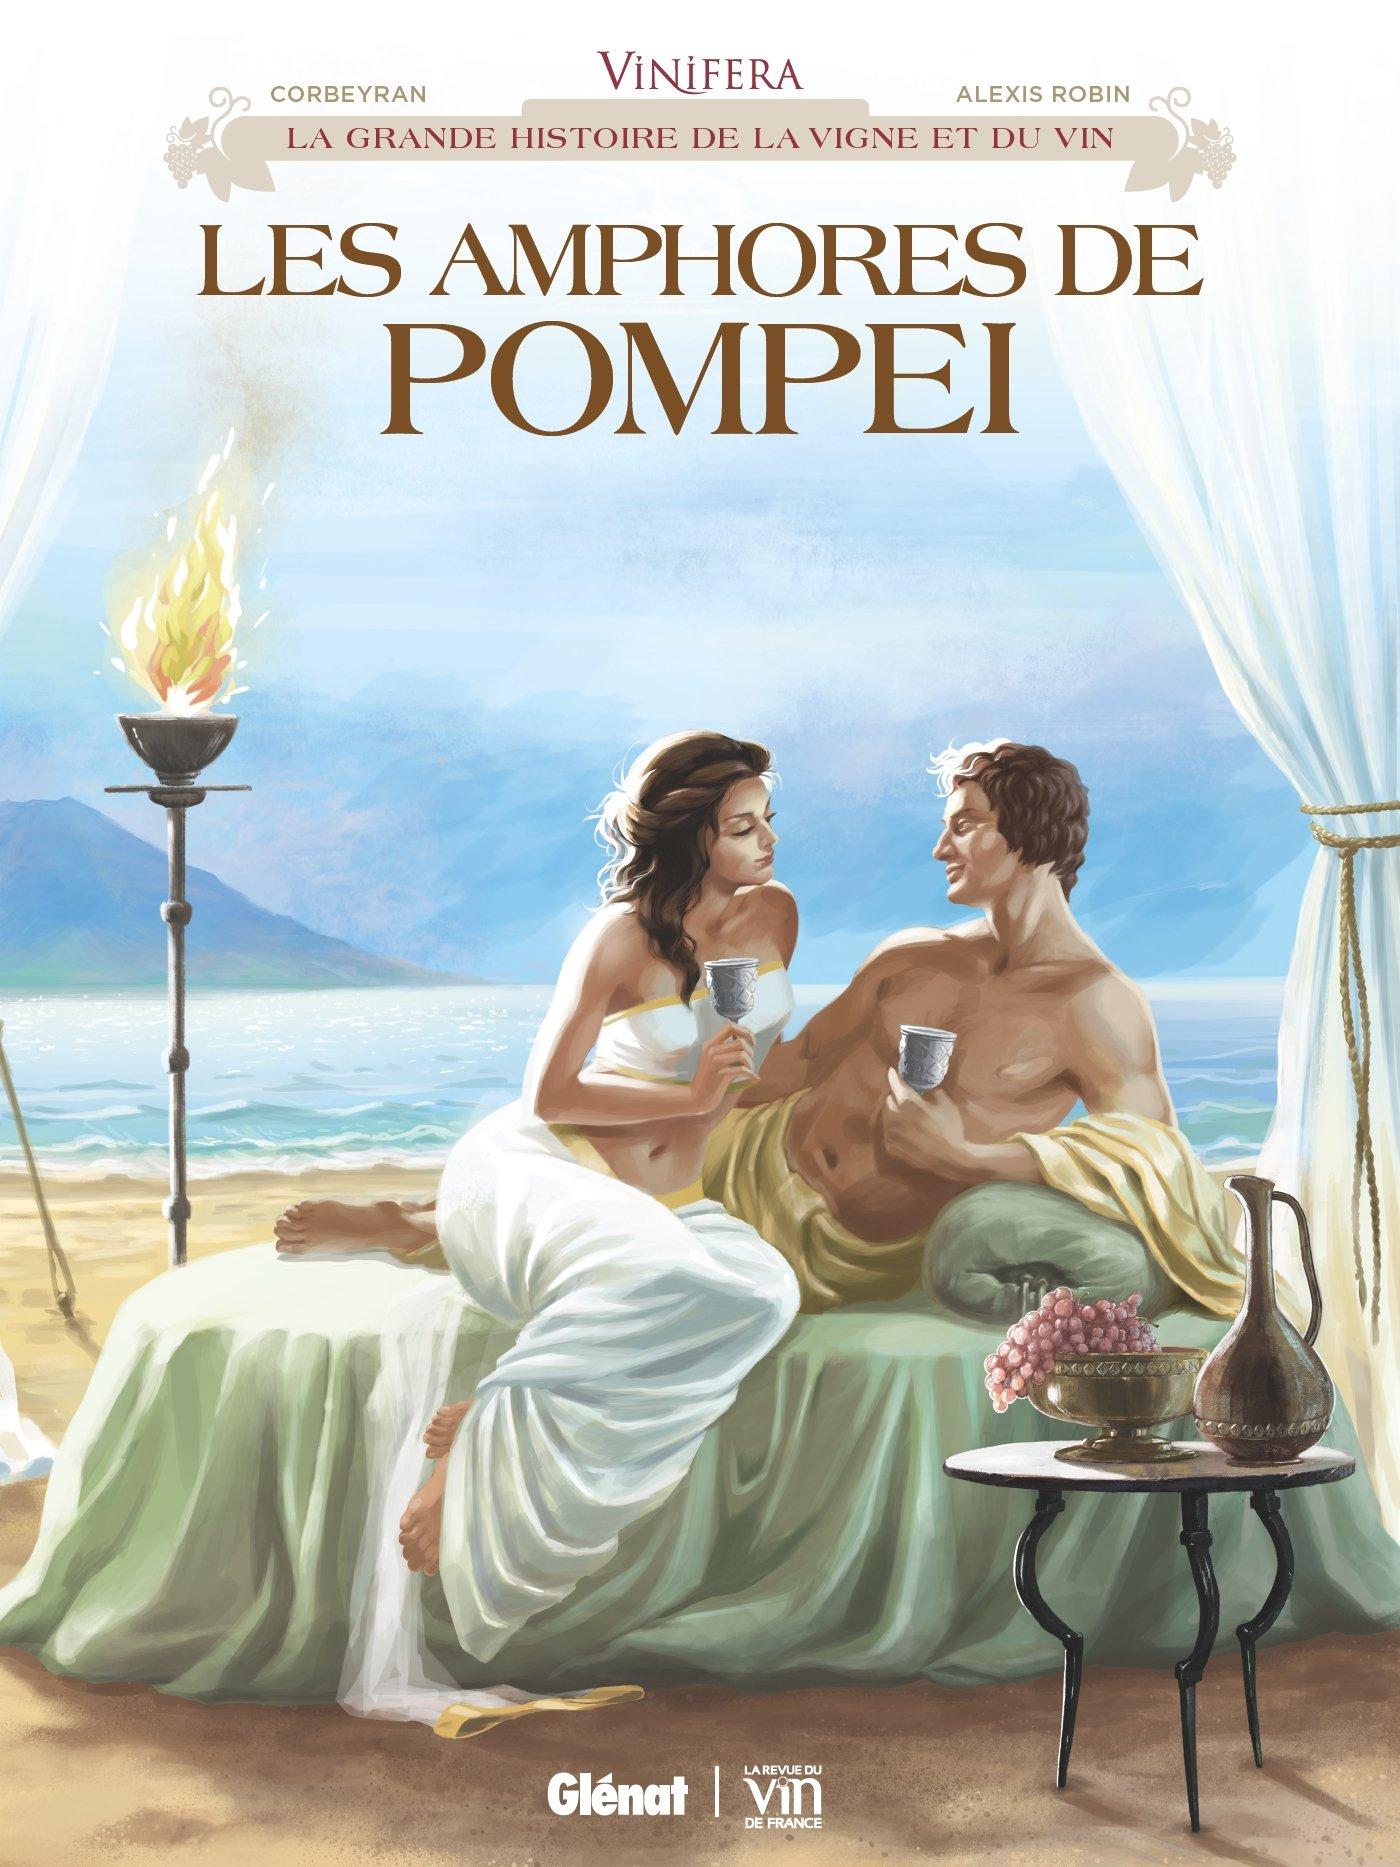 Vinifera 1 - Les amphores de Pompéi